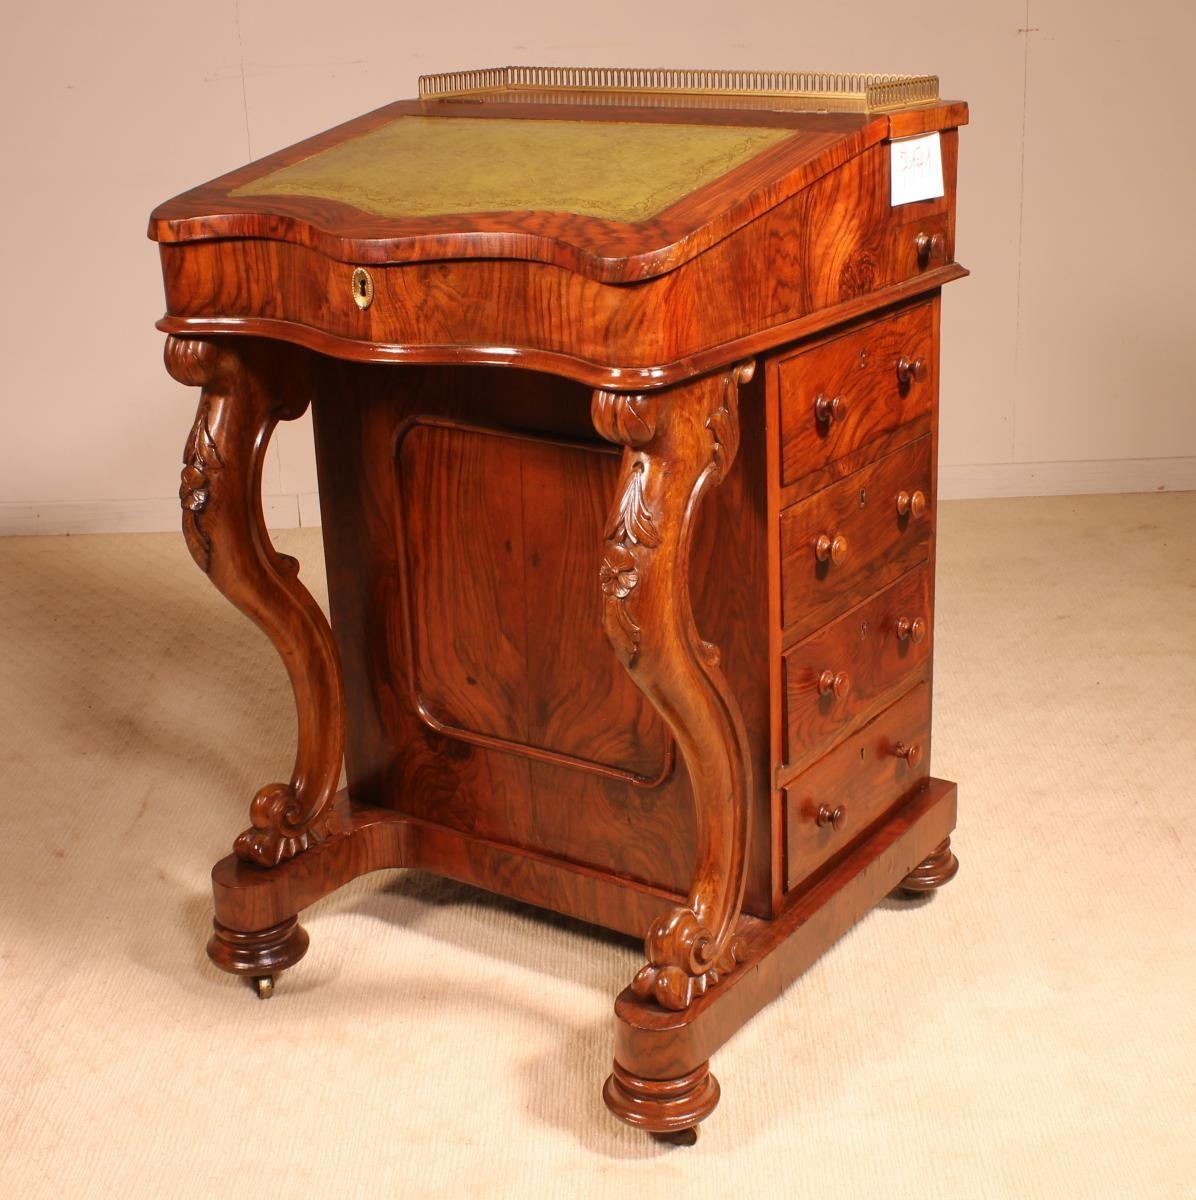 Davenport En Acajou Debut 19ieme Angleterre Alain Michel Antiquite Bruxelles Proantic Mobilier De Salon Acajou Antiquite